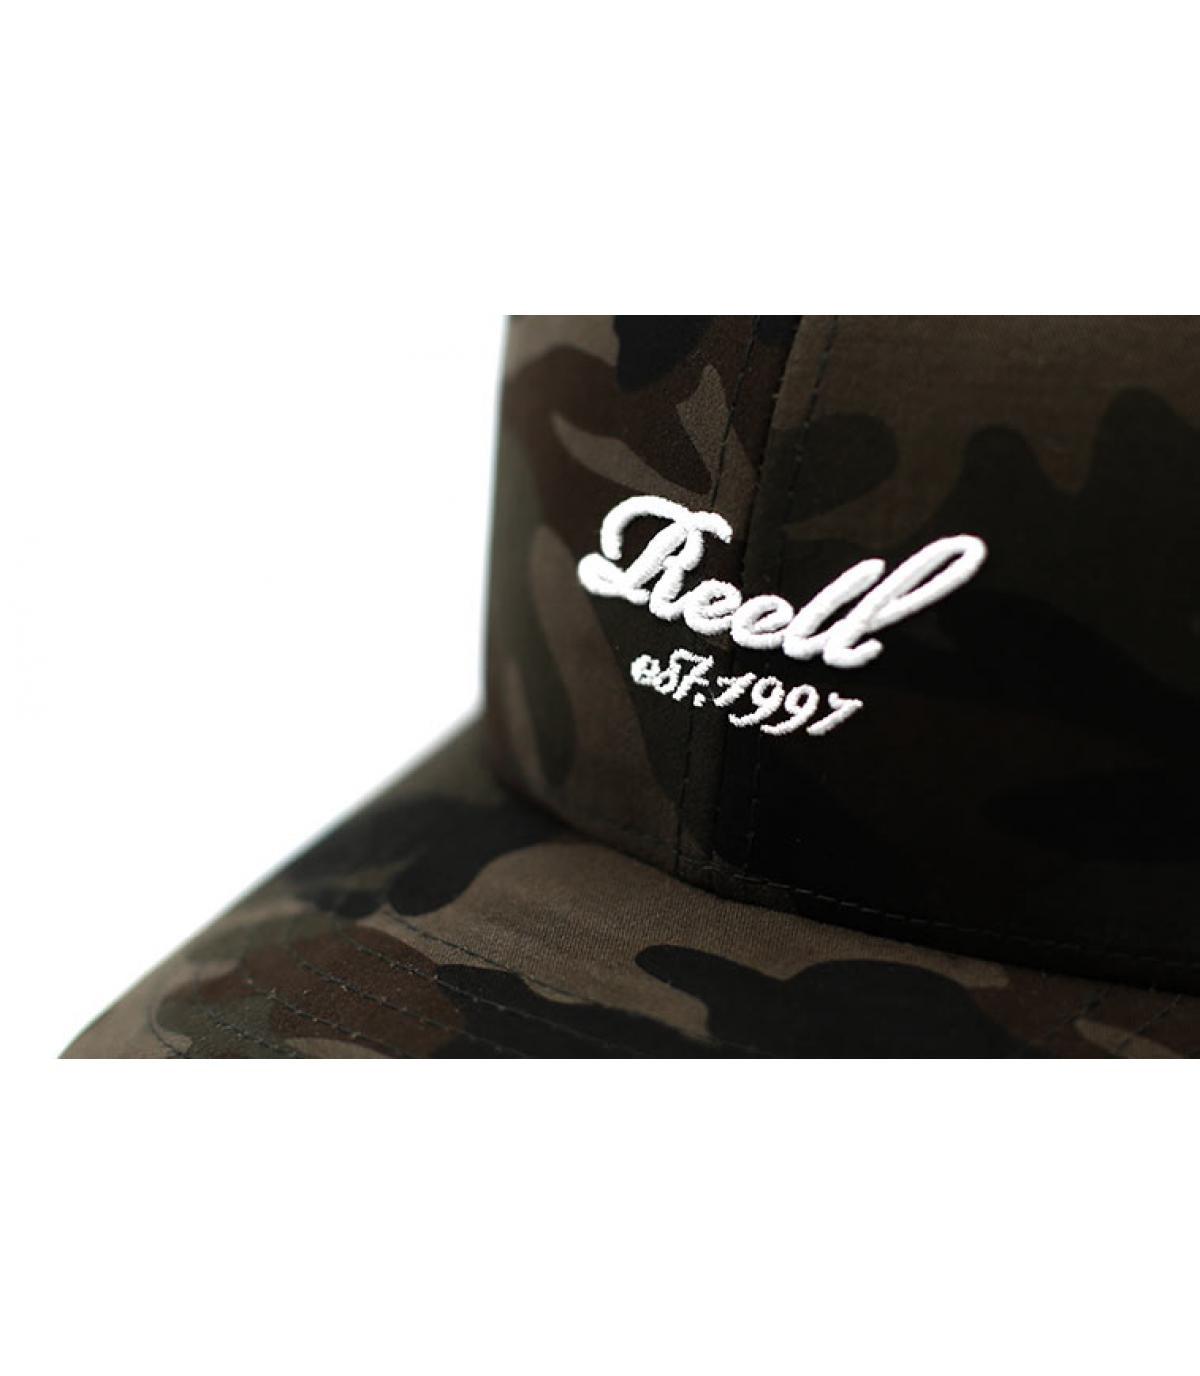 Détails Trucker script camouflage - image 3